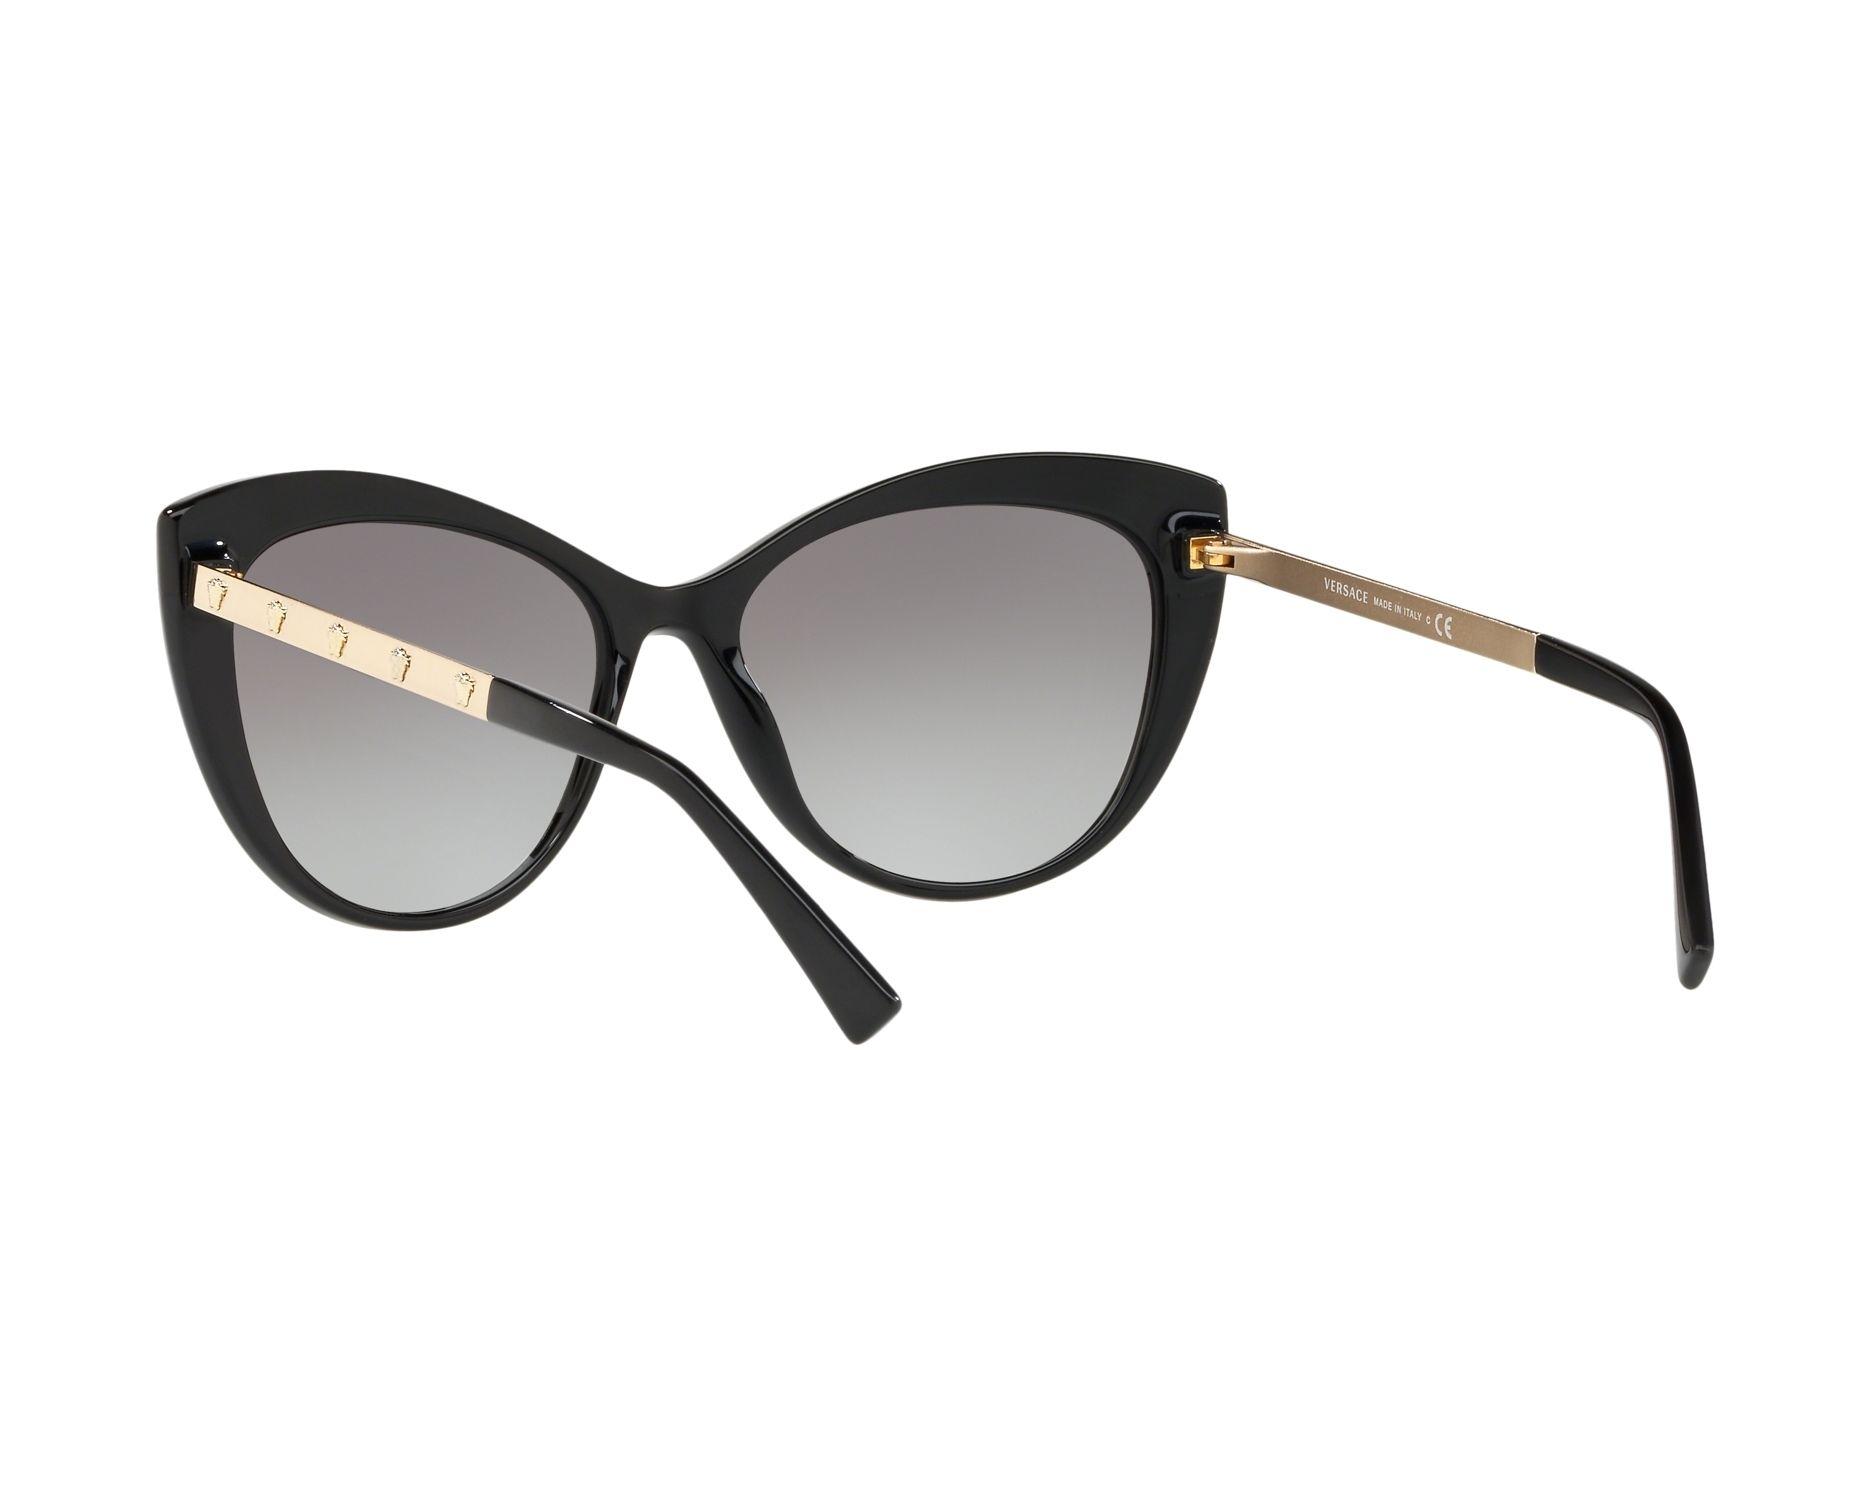 Versace Damen Sonnenbrille » VE4348«, schwarz, GB1/11 - schwarz/grau